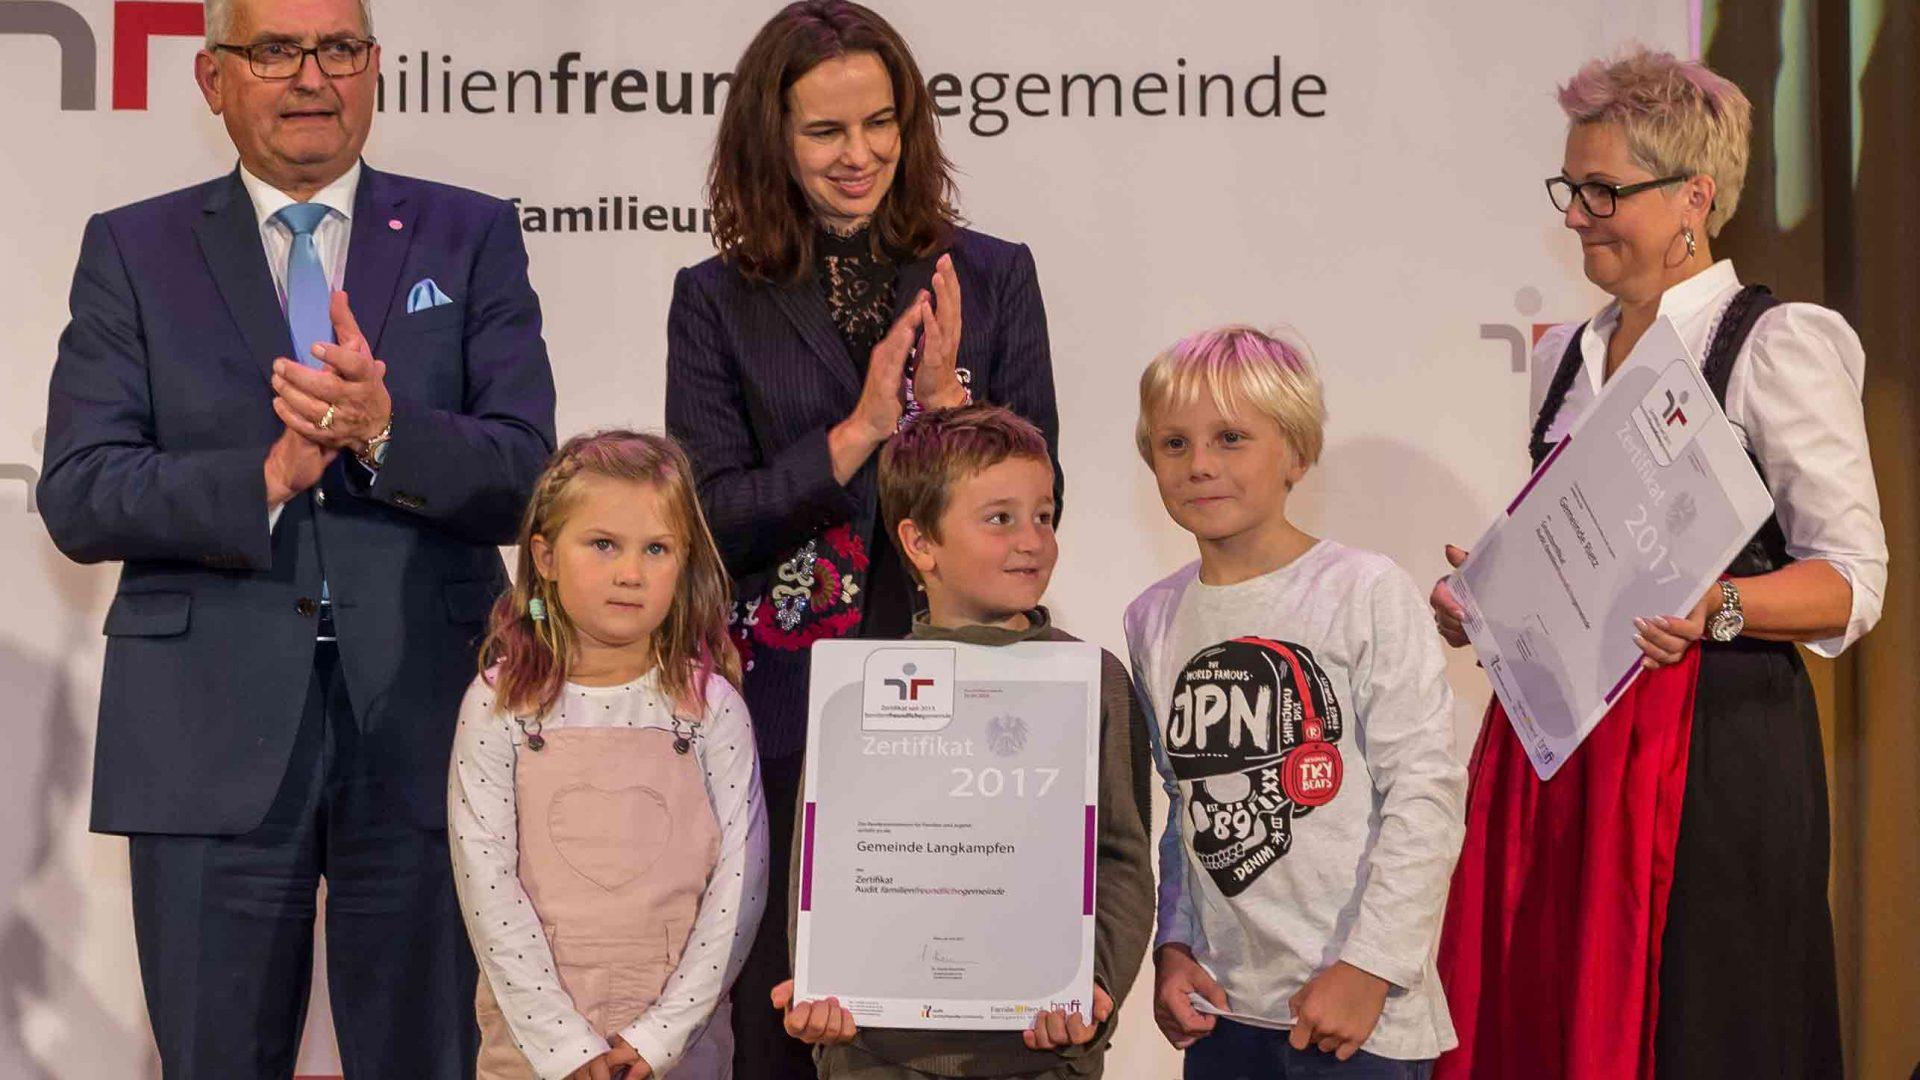 Gemeindebund-Präsident Alfred Riedl und Familienministerin Sophie Karmasin zeichneten die 112 familienfreundlichen Gemeinden aus. ©Harald Schlossko